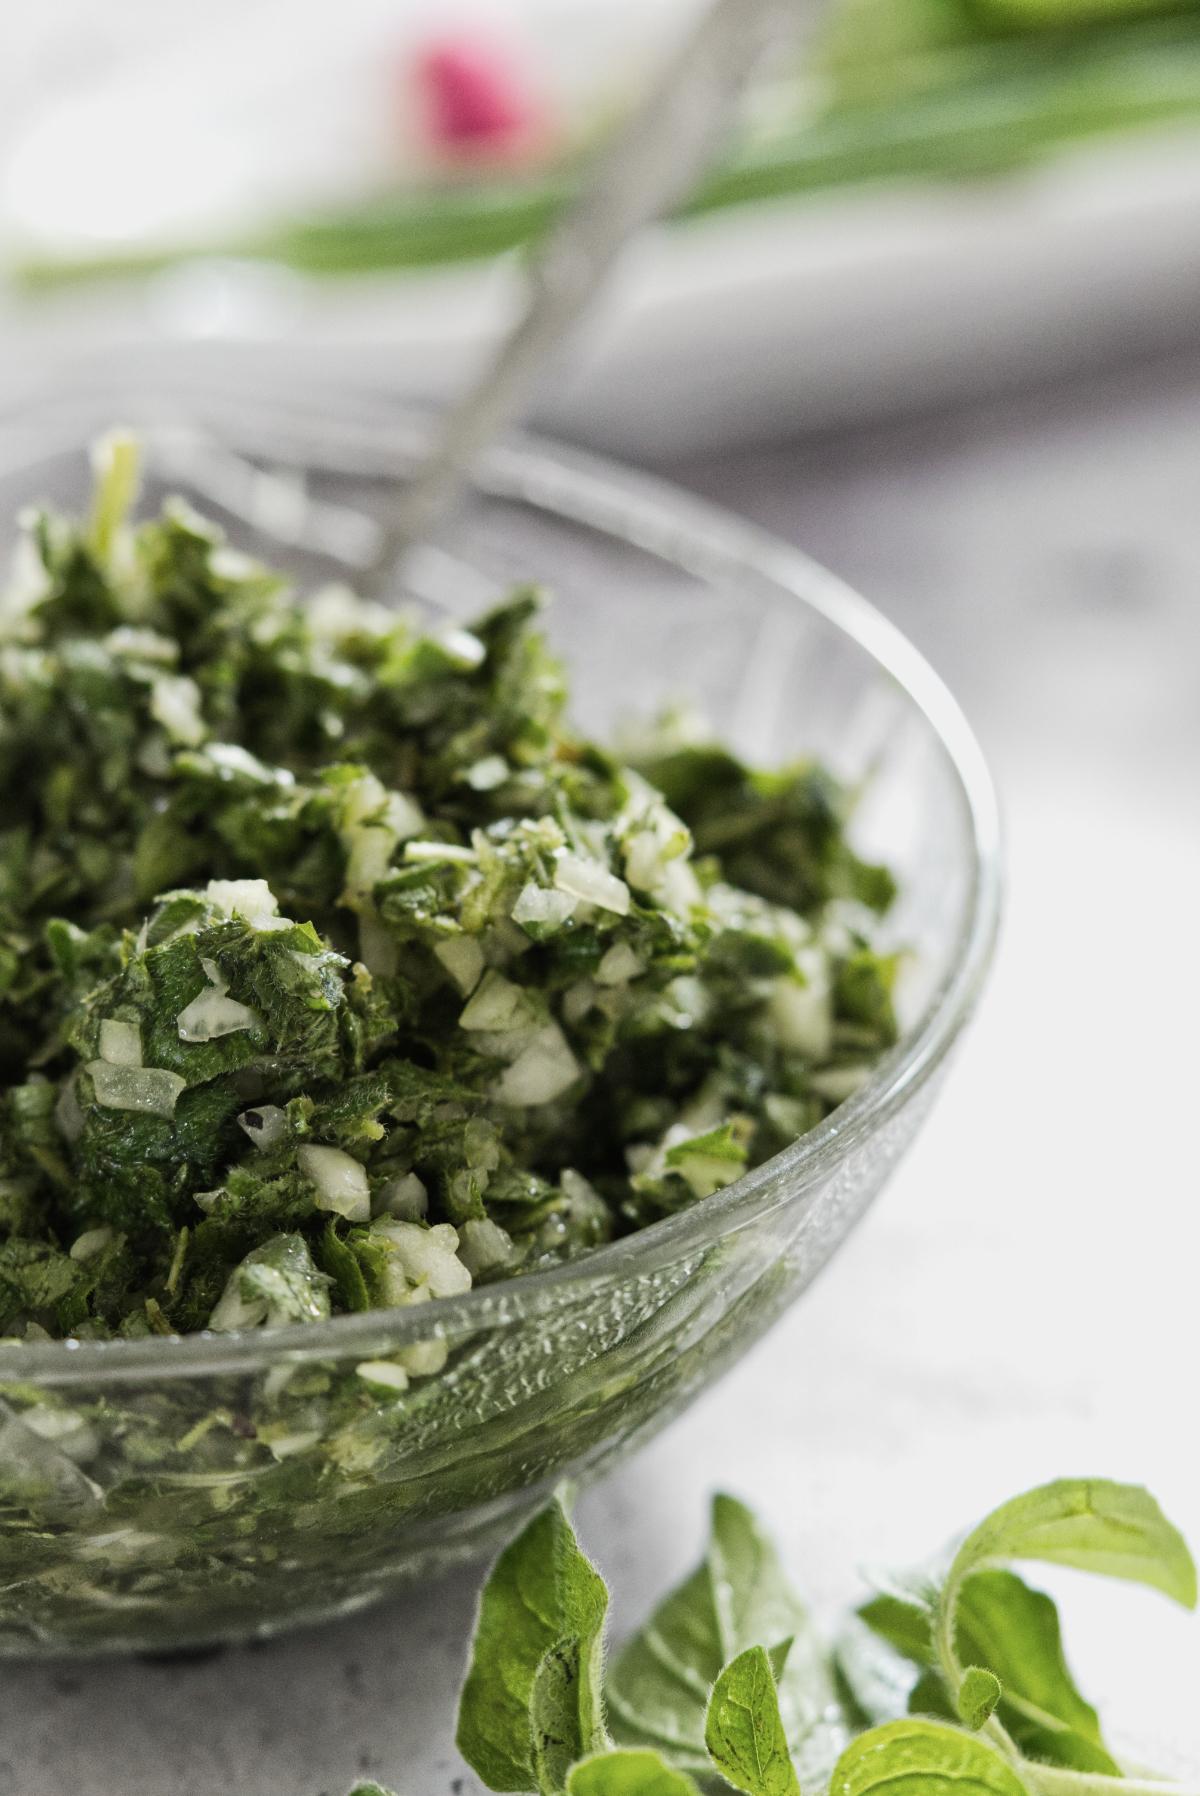 Oregano Salad in a bowl